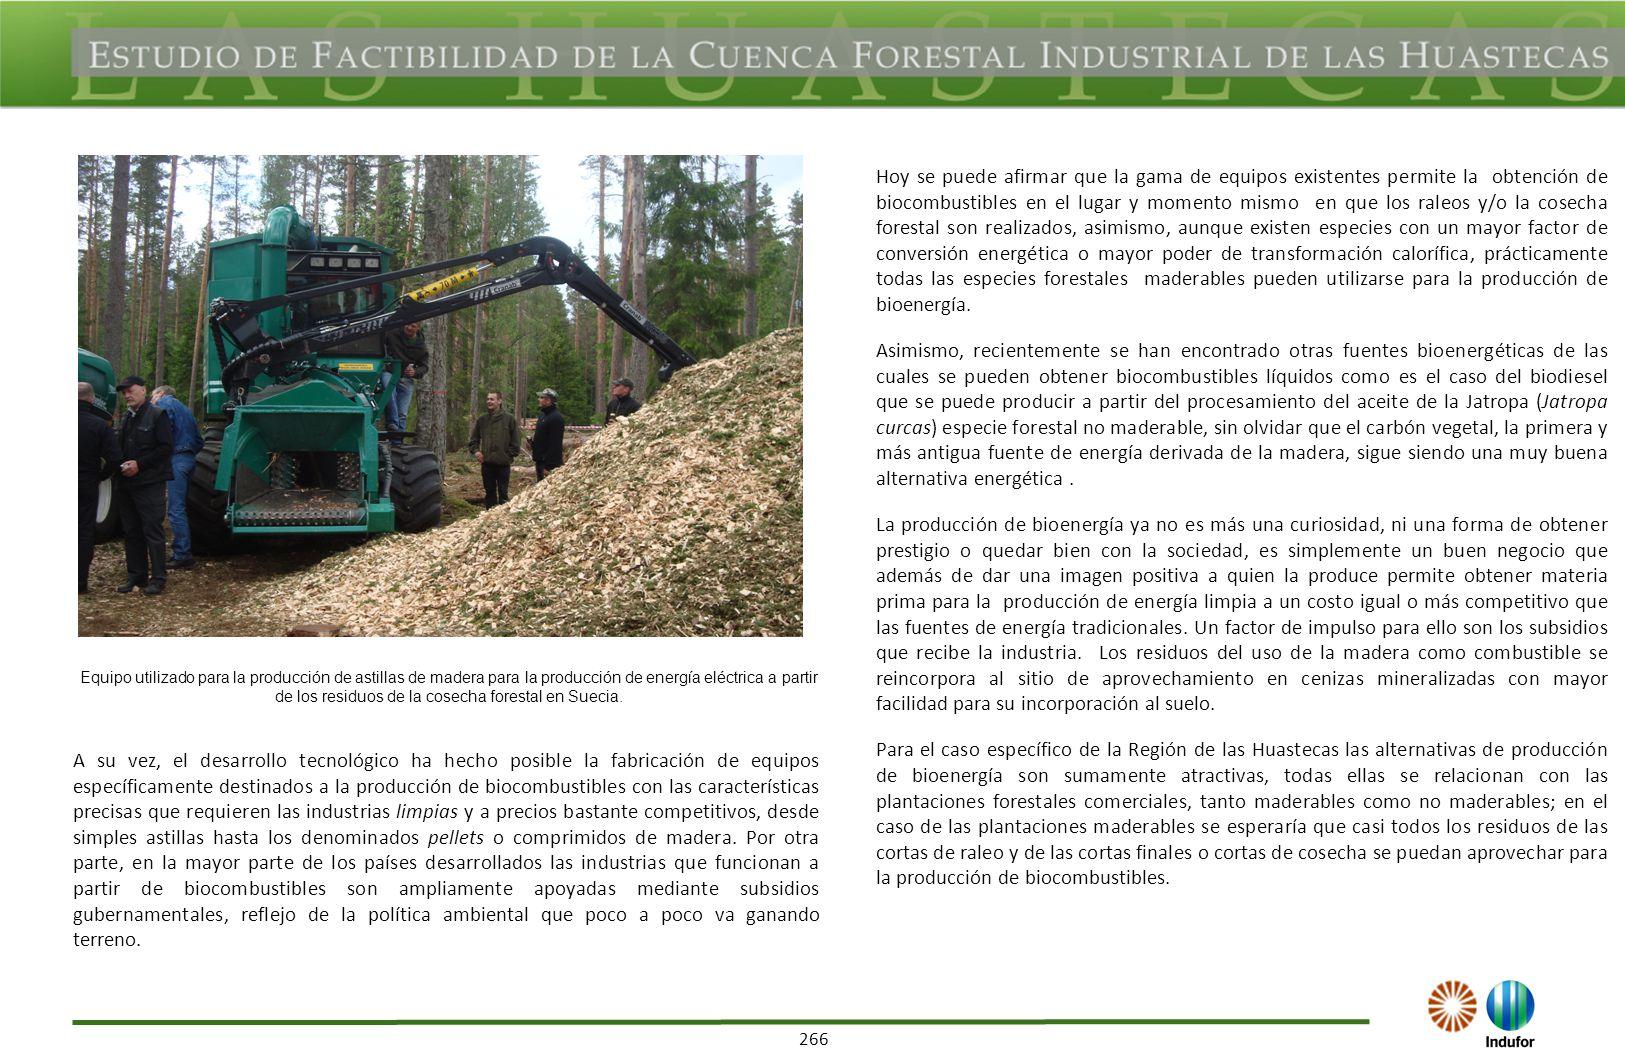 266 A su vez, el desarrollo tecnológico ha hecho posible la fabricación de equipos específicamente destinados a la producción de biocombustibles con l